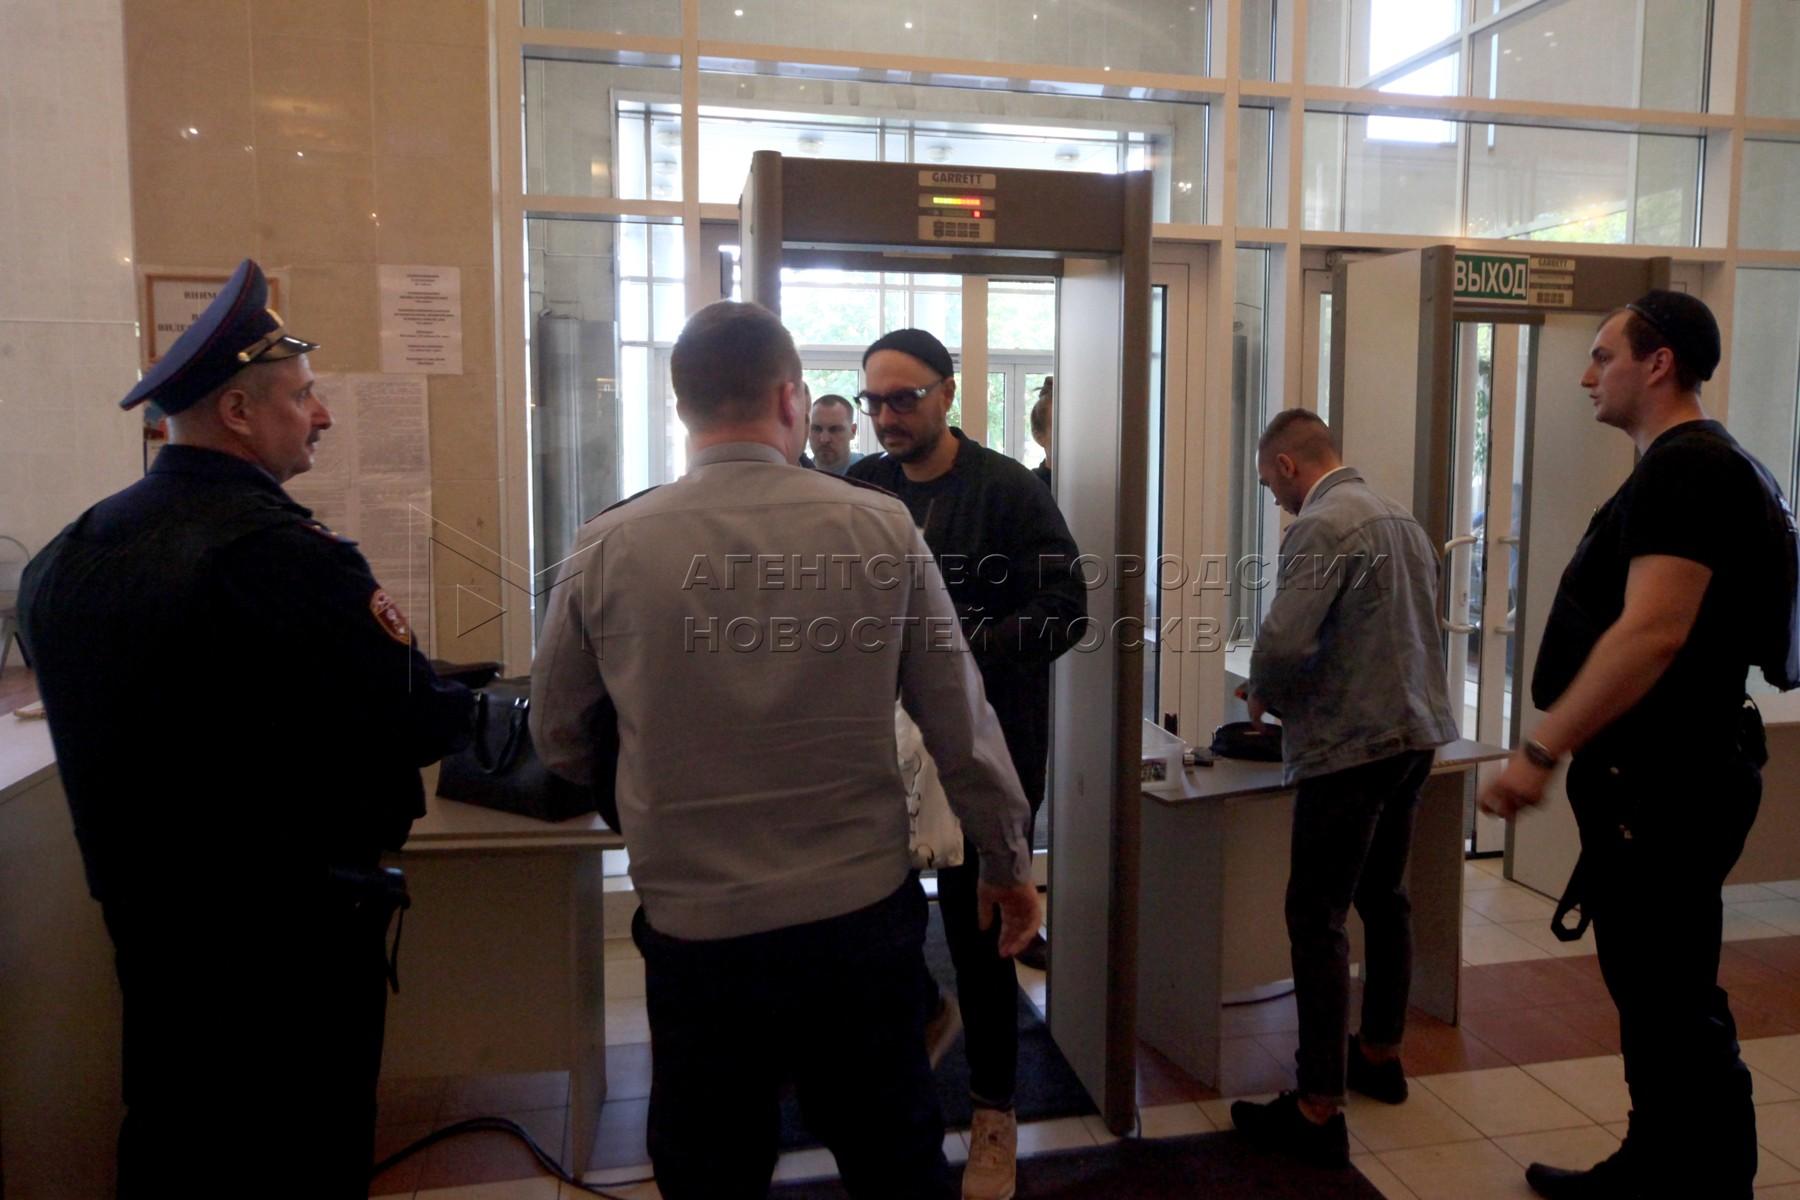 Режиссер Кирилл Серебренников (в центре), обвиняемый в мошенничестве в особо крупном размере, перед началом рассмотрения аппеляционной жалобы на продлении срока домашнего ареста, в Мосгорсуде.